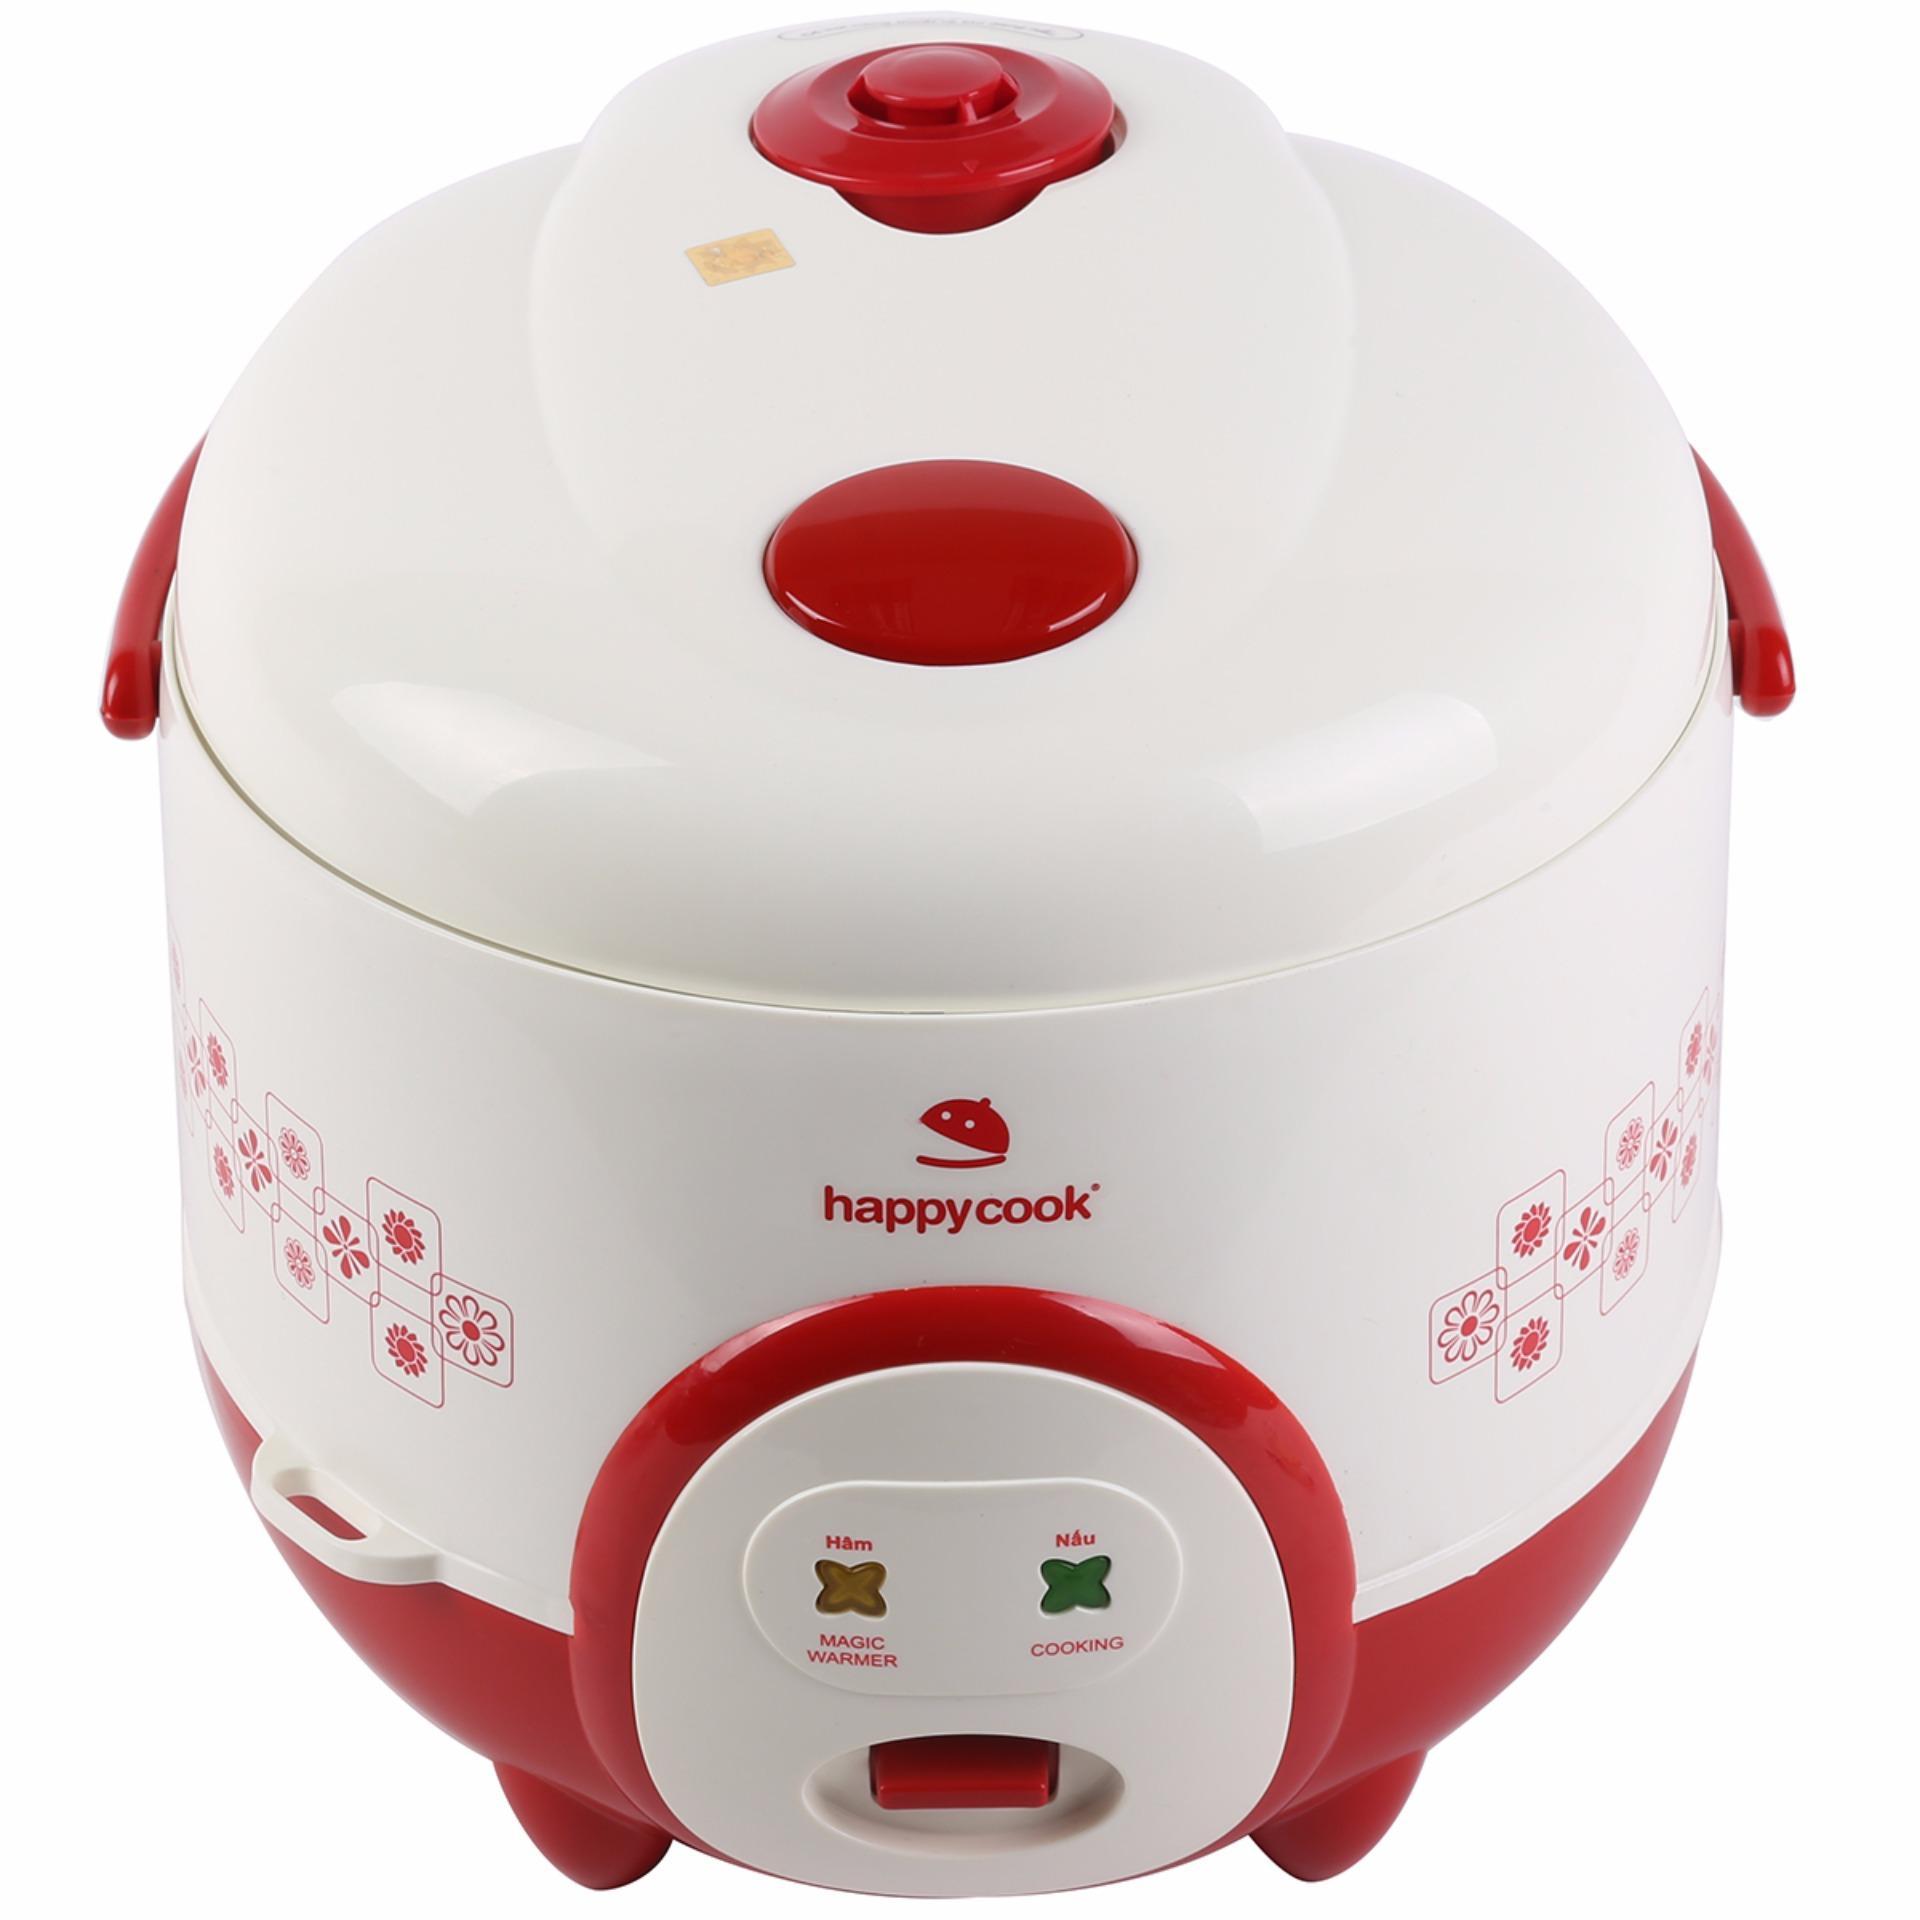 Nồi cơm điện Happycook 1.2 lít HC-120-Xanh